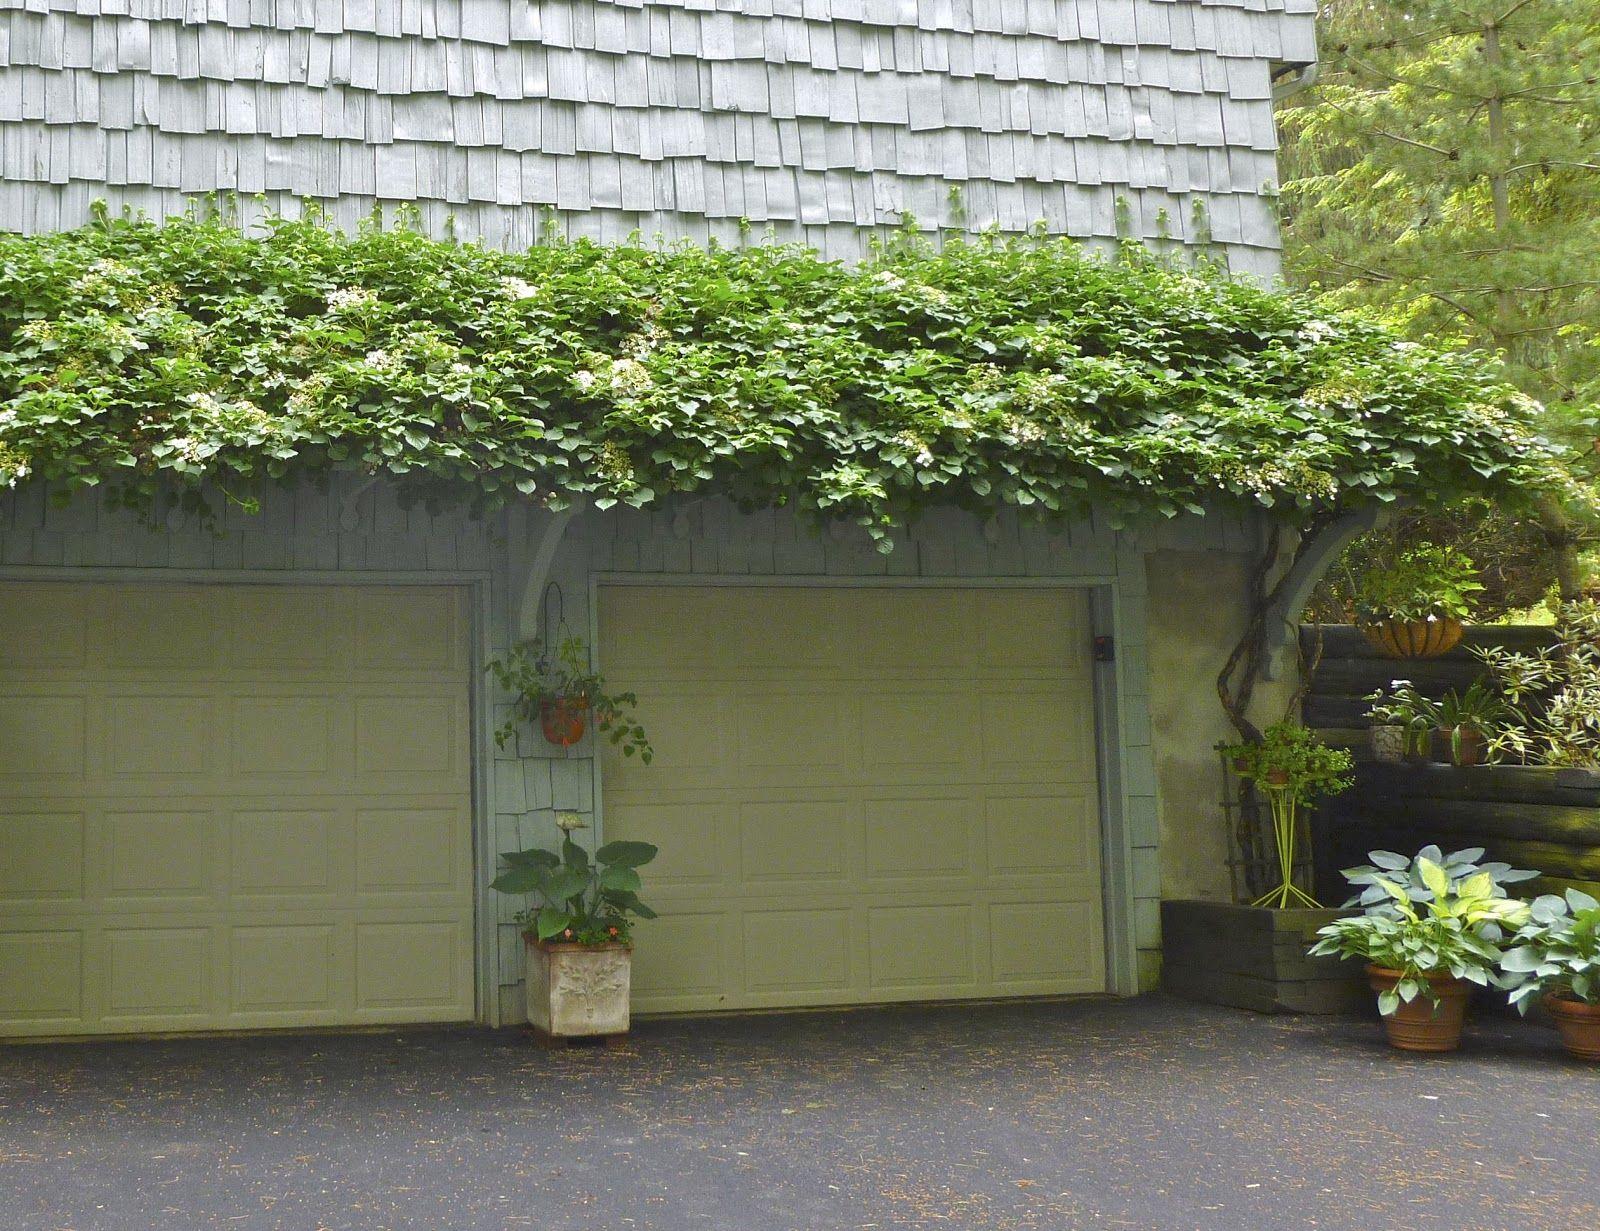 Trellis over garage door - Garage Pergola